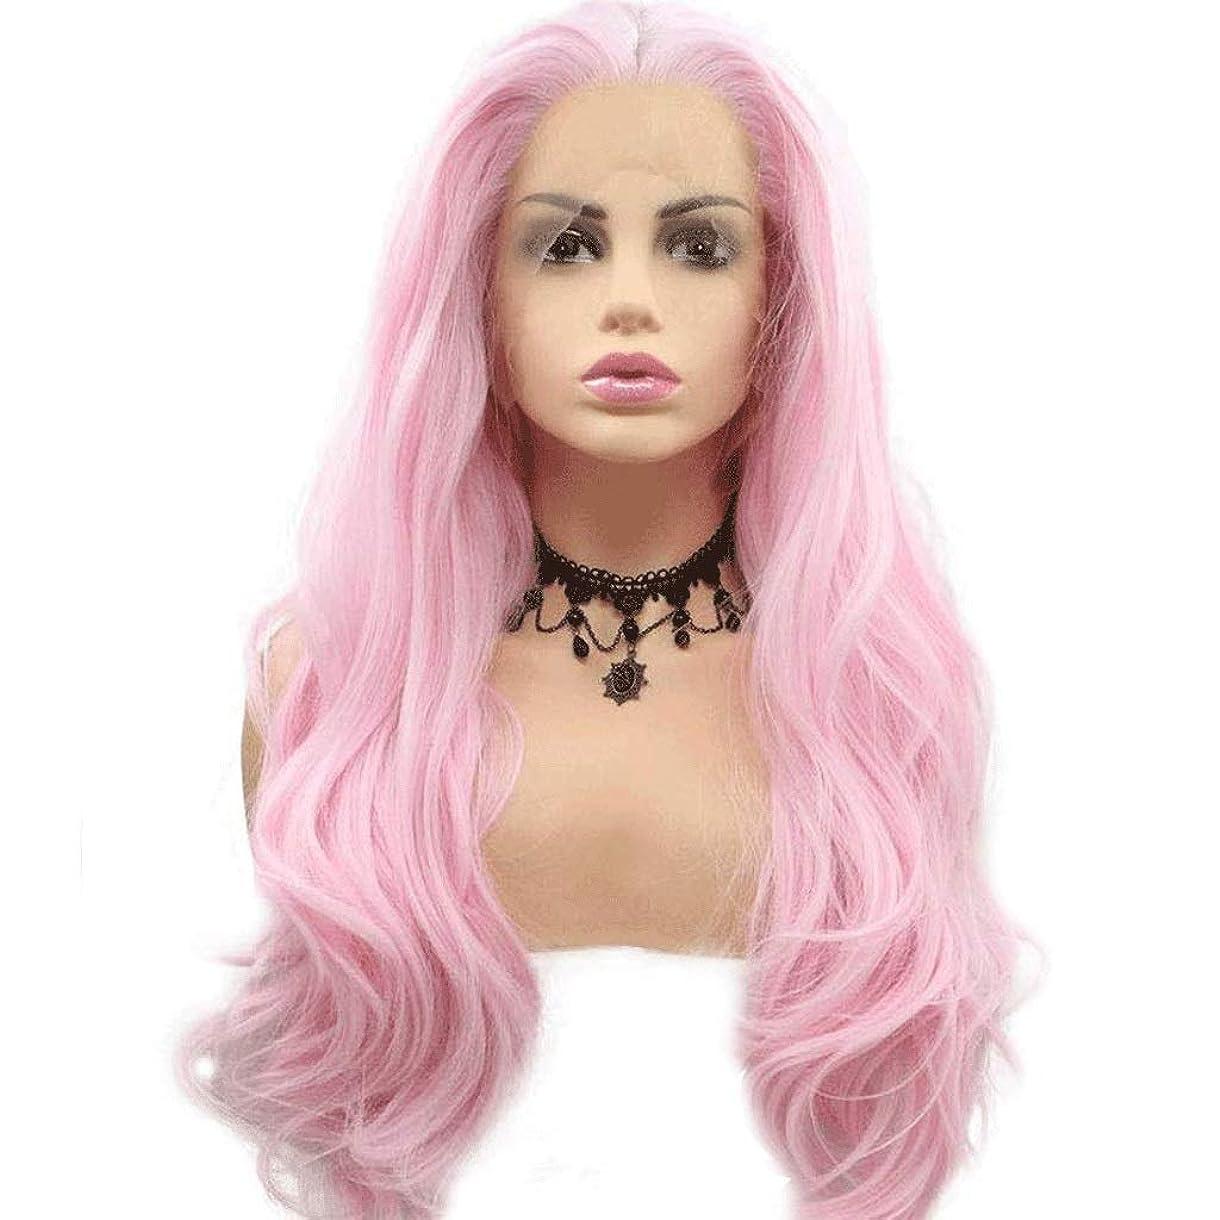 遡る振る動詞ウィメンズピンクロングナチュラルカーリーレースフロント合成かつら、180%密度、ナチュラルヘアライン、レディースパーティー用、コスプレ、コスチューム毎日の交換24インチ (色 : Body pink)